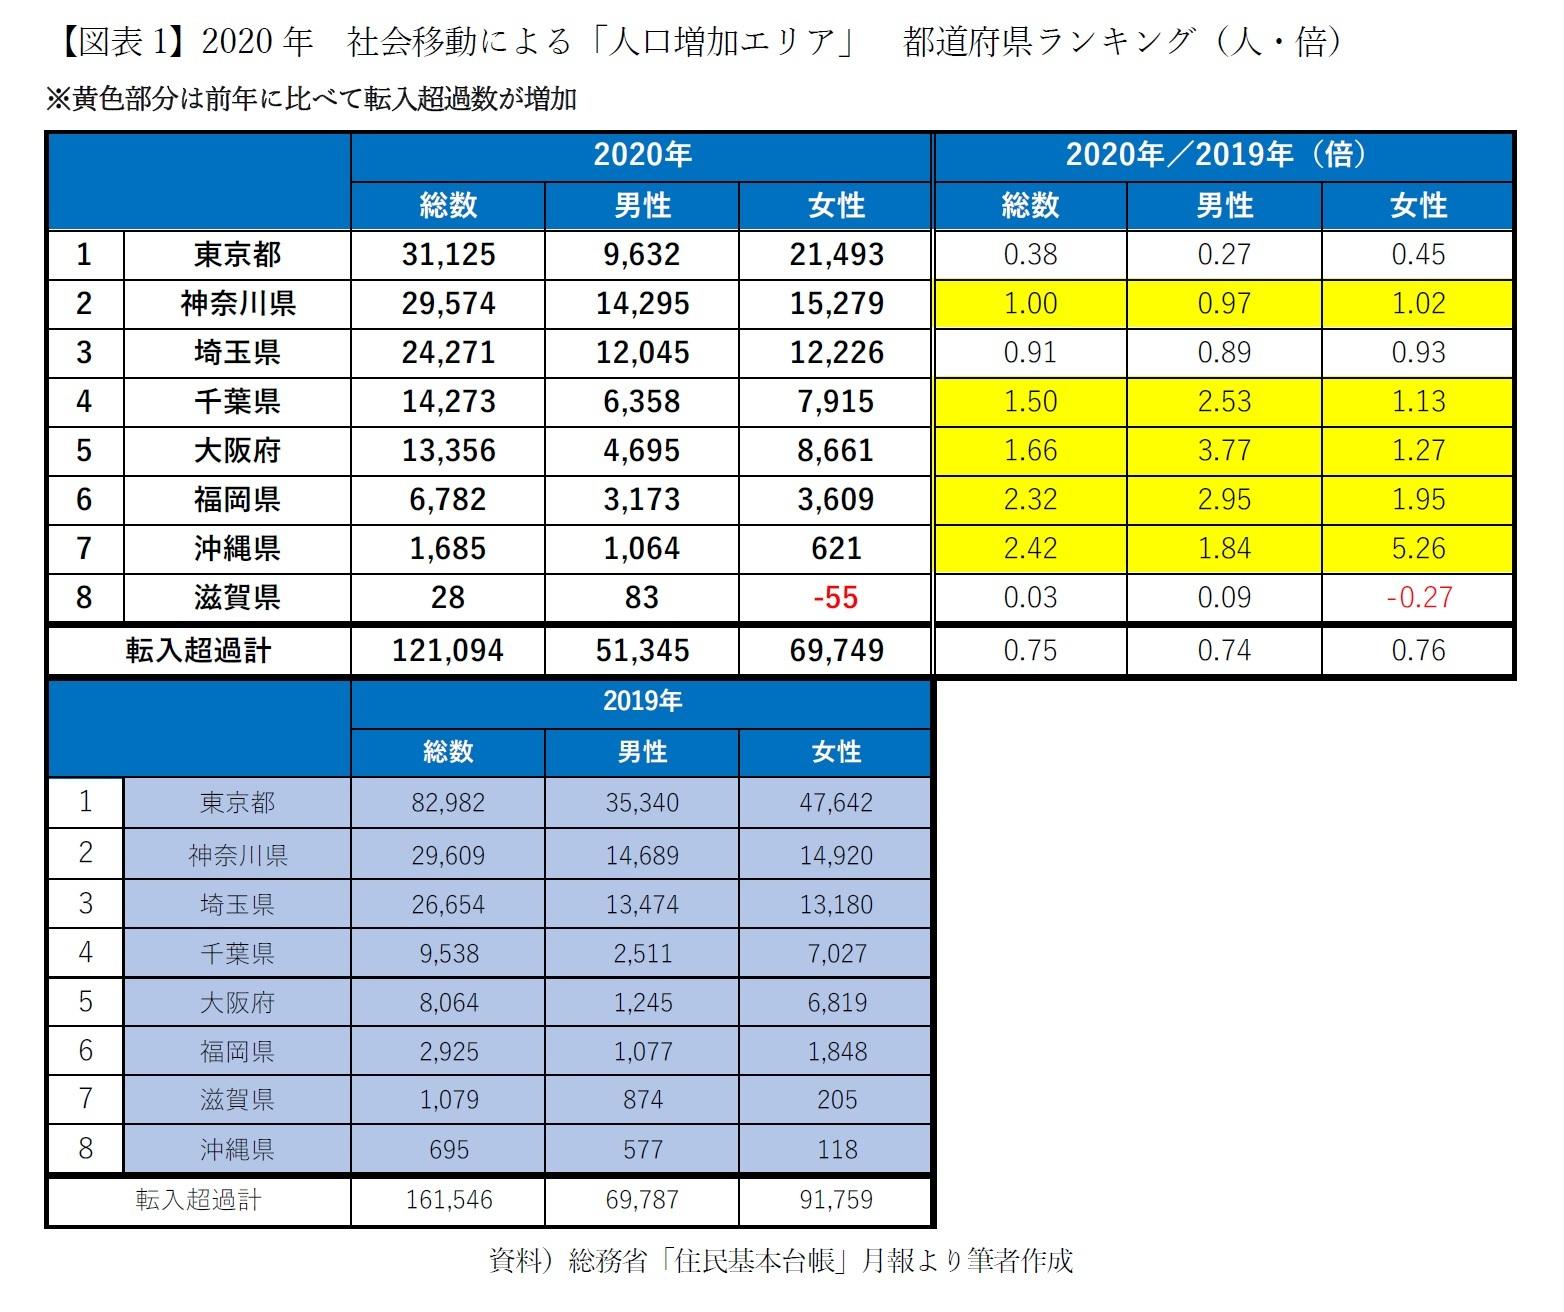 【図表1】2020年 社会移動による「人口増加エリア」 都道府県ランキング(人・倍)